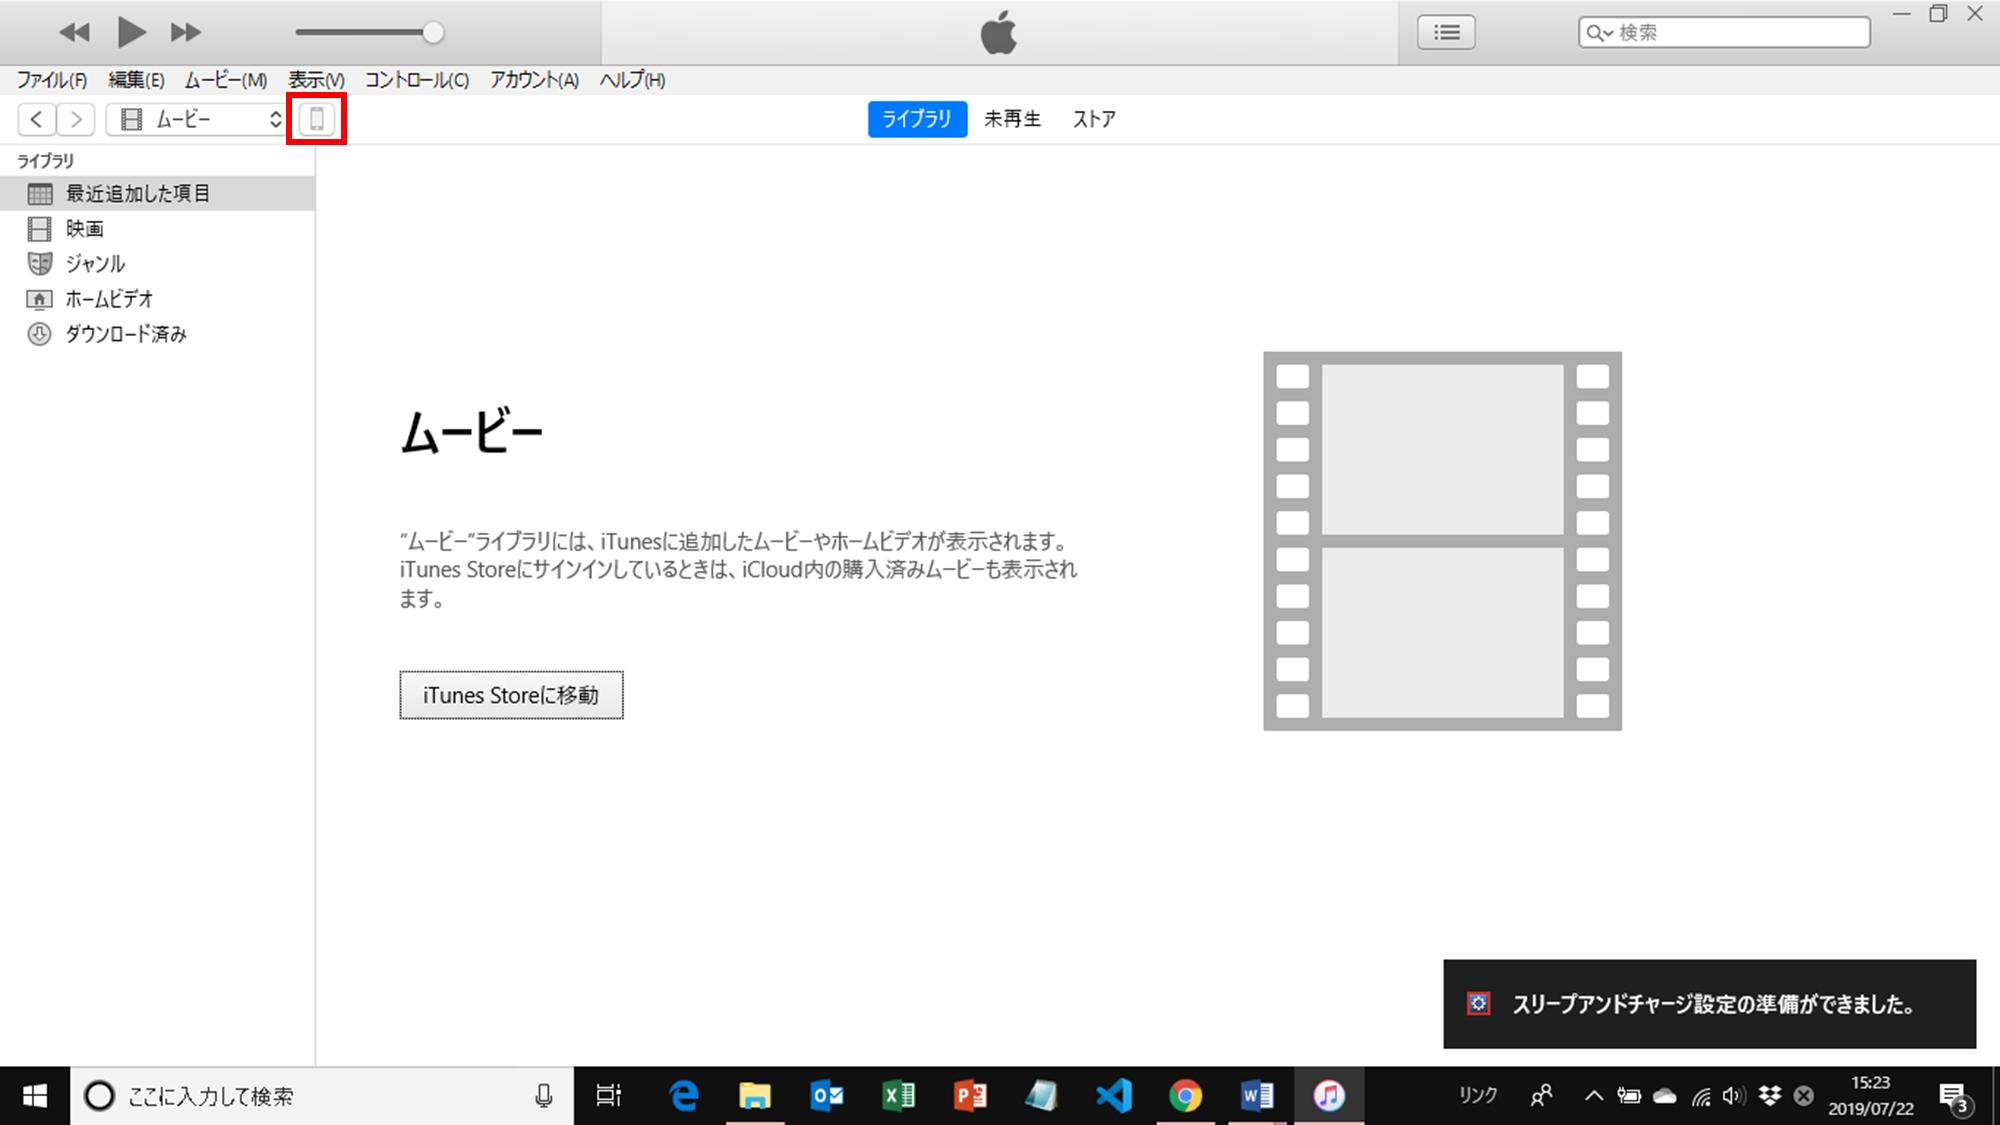 ①画面左上の「iPhone」アイコンをクリックします。